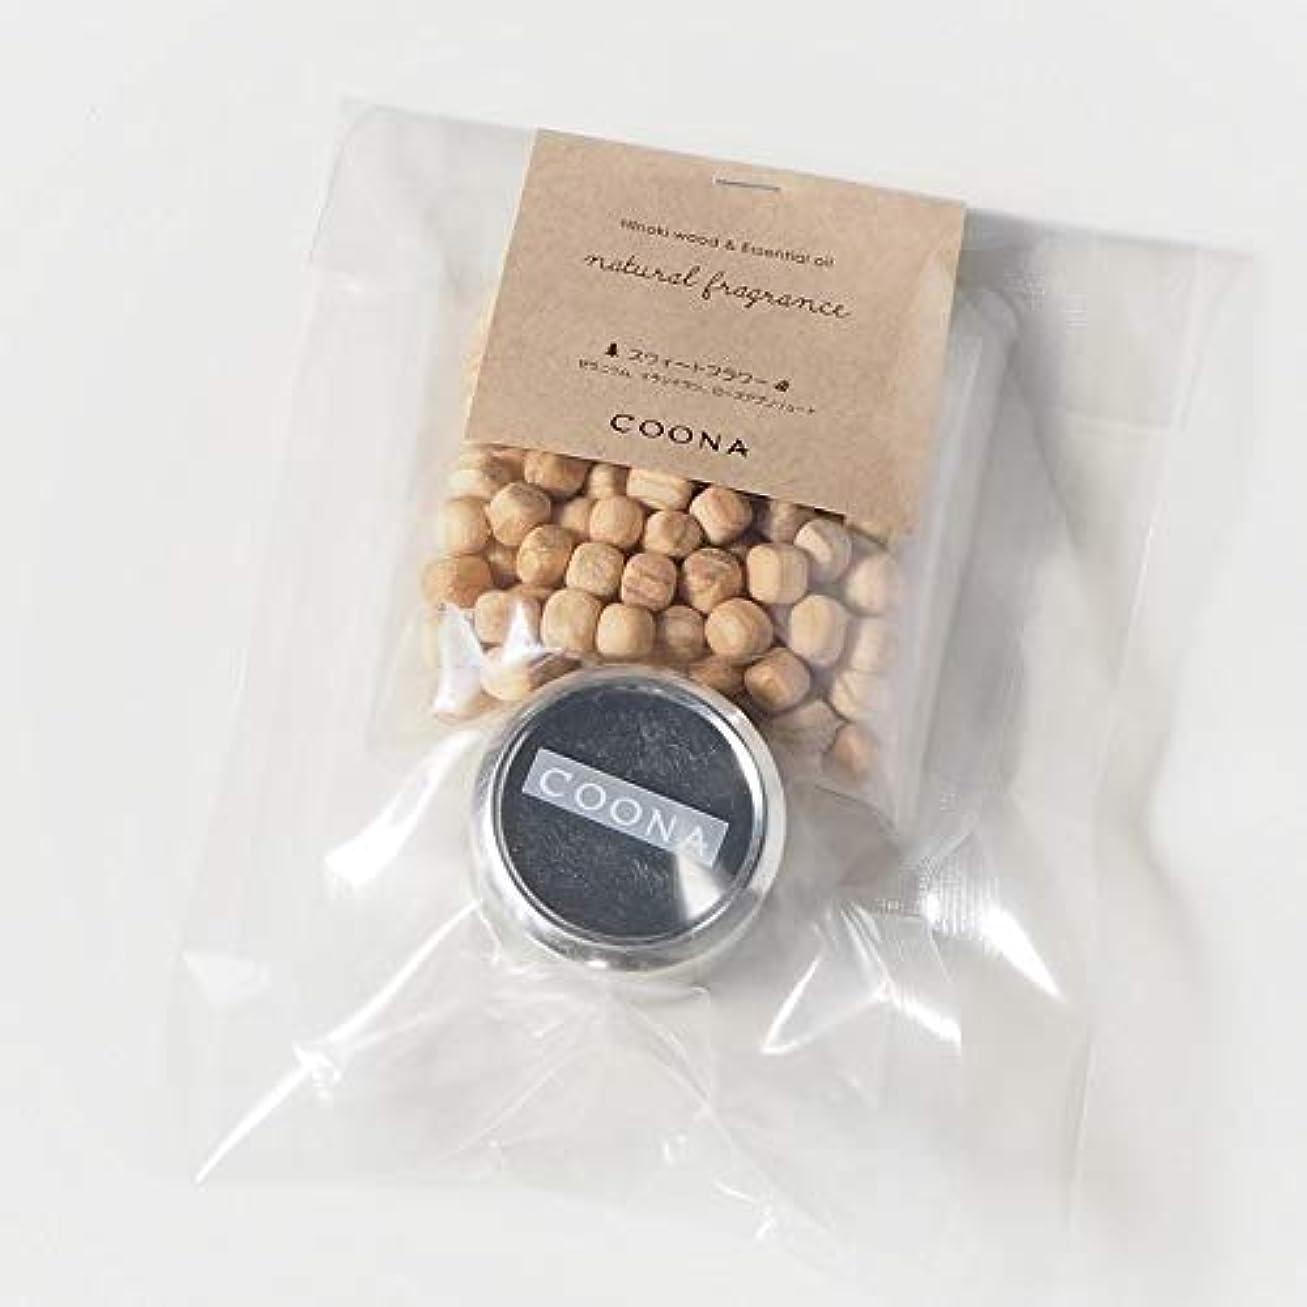 ヘロインコンプリートどうしたのヒノキ ウッド& エッセンシャルオイル ナチュラルフレグランス (メタル缶付き, 地の香り)